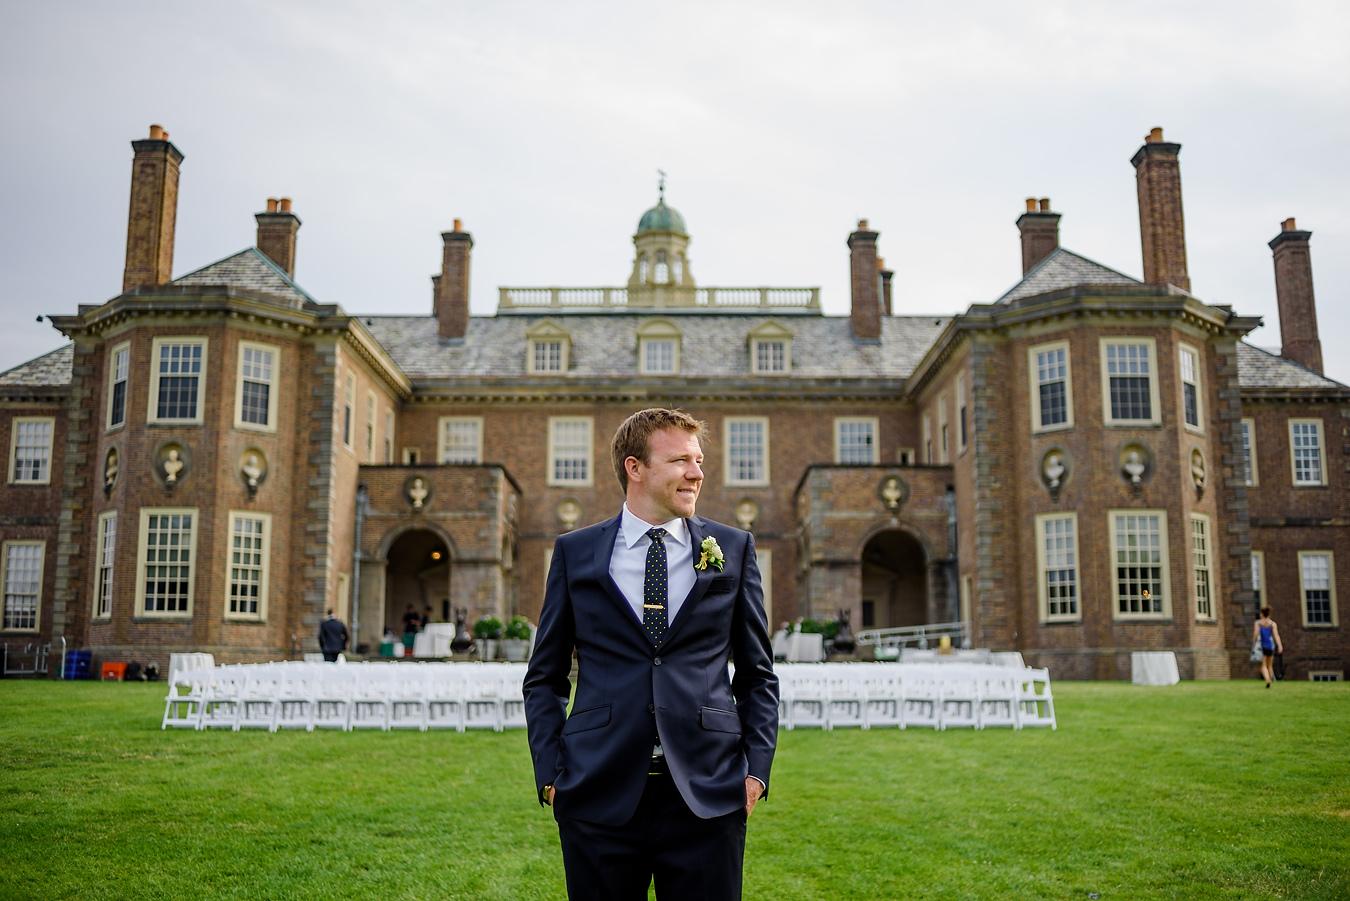 crane-estate-wedding-photos_21.JPG